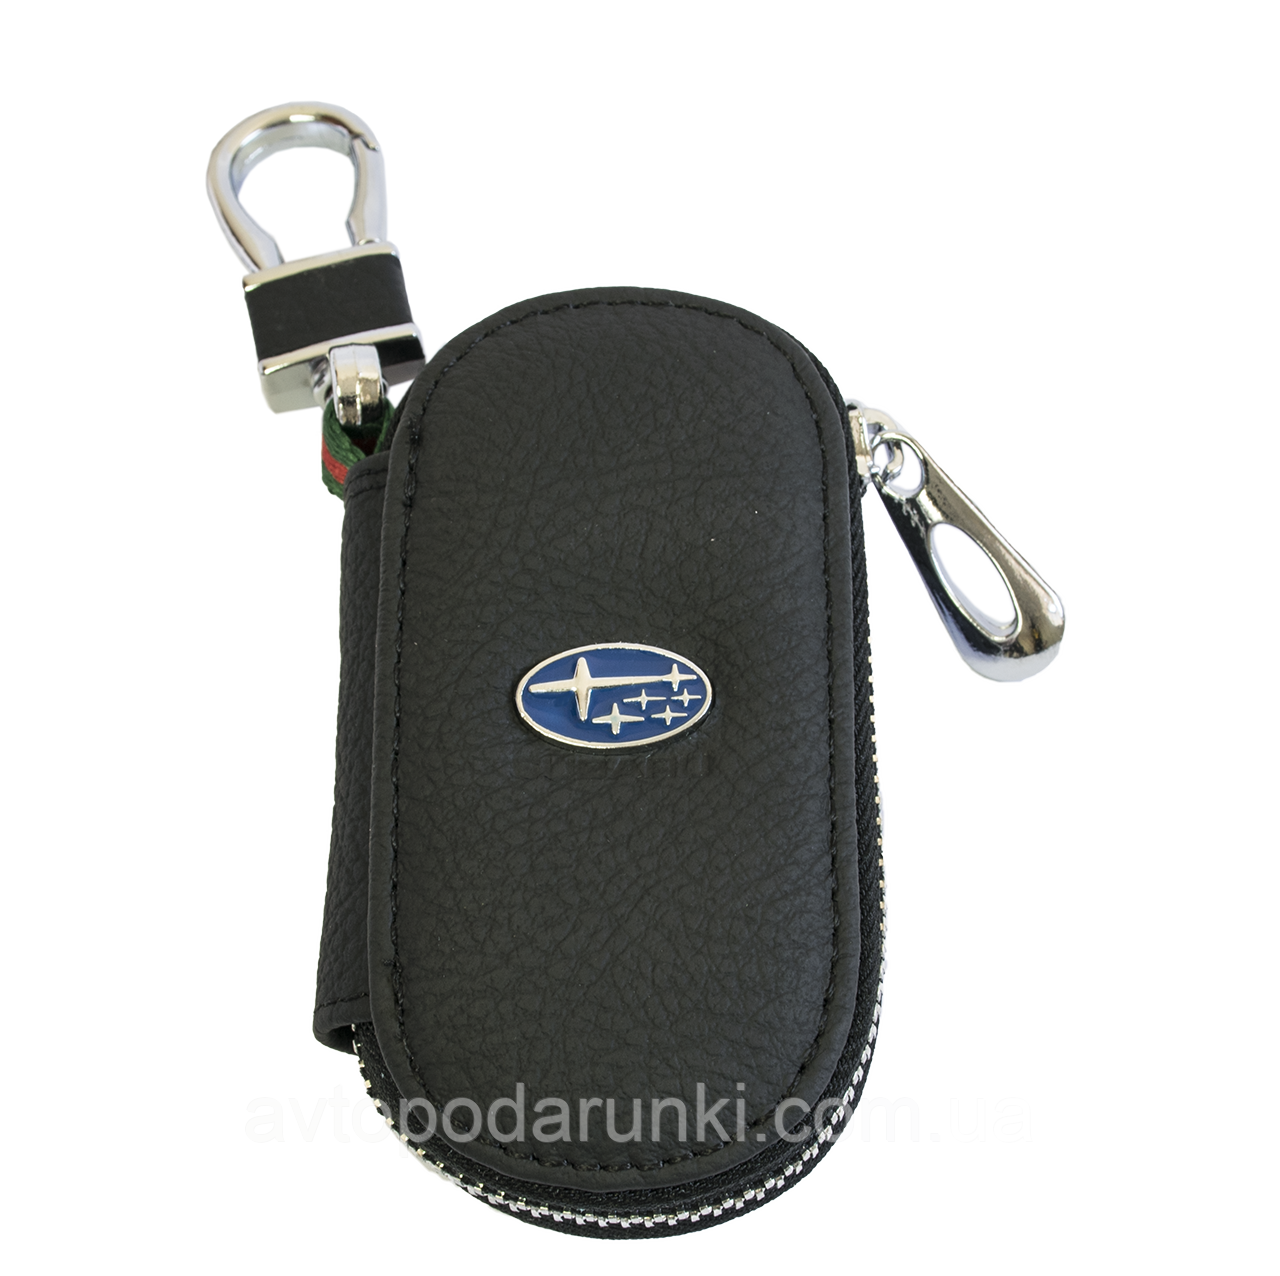 Ключница SUBARU, кожаная автоключница с логотипом  СУБАРУ (черная 21003)